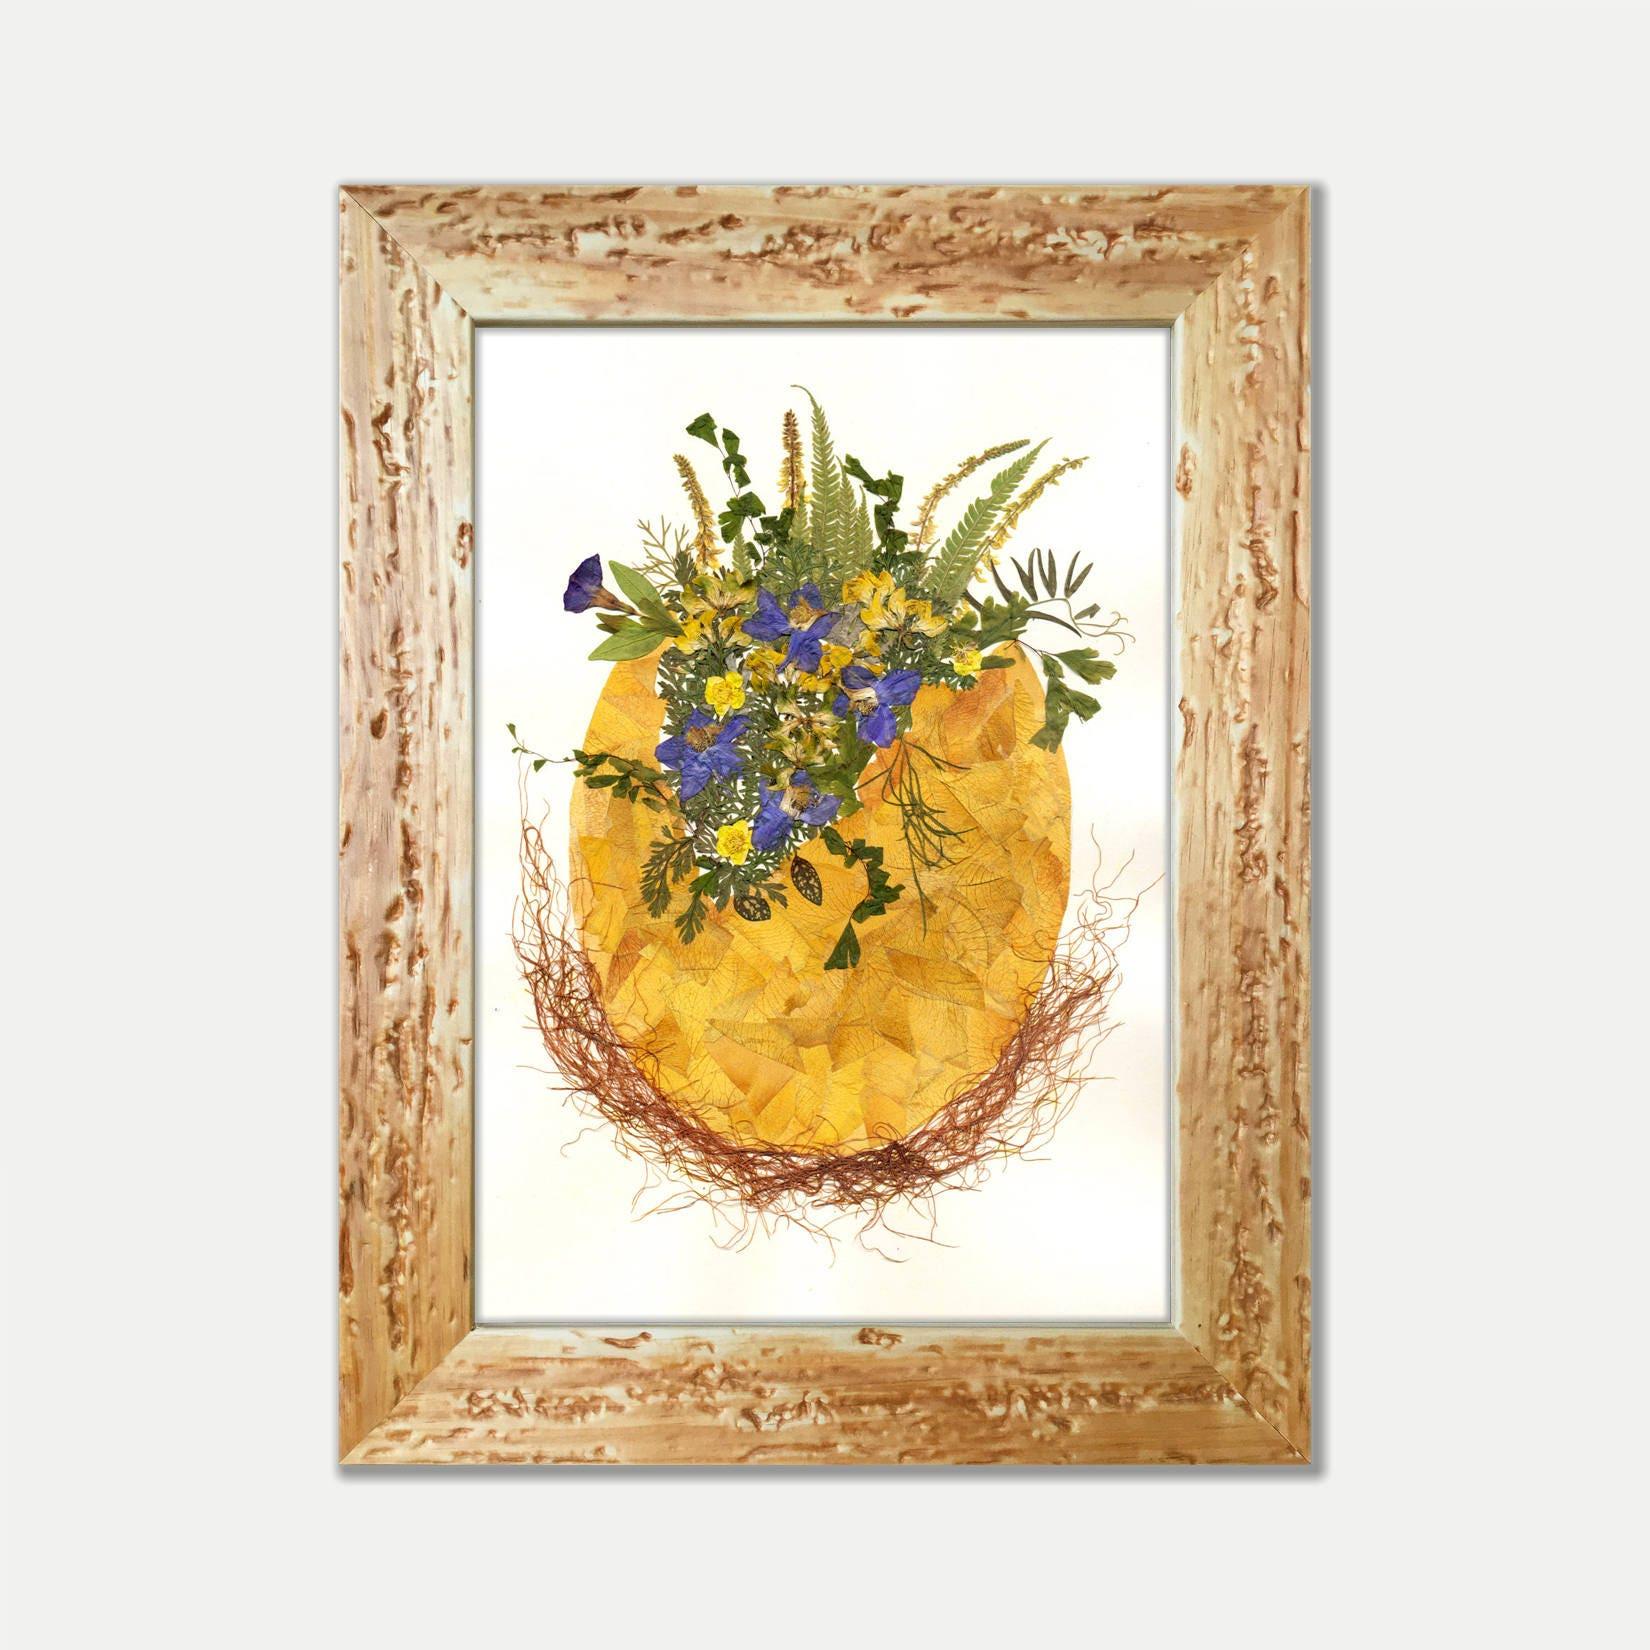 egg artegg flower artdried flower art